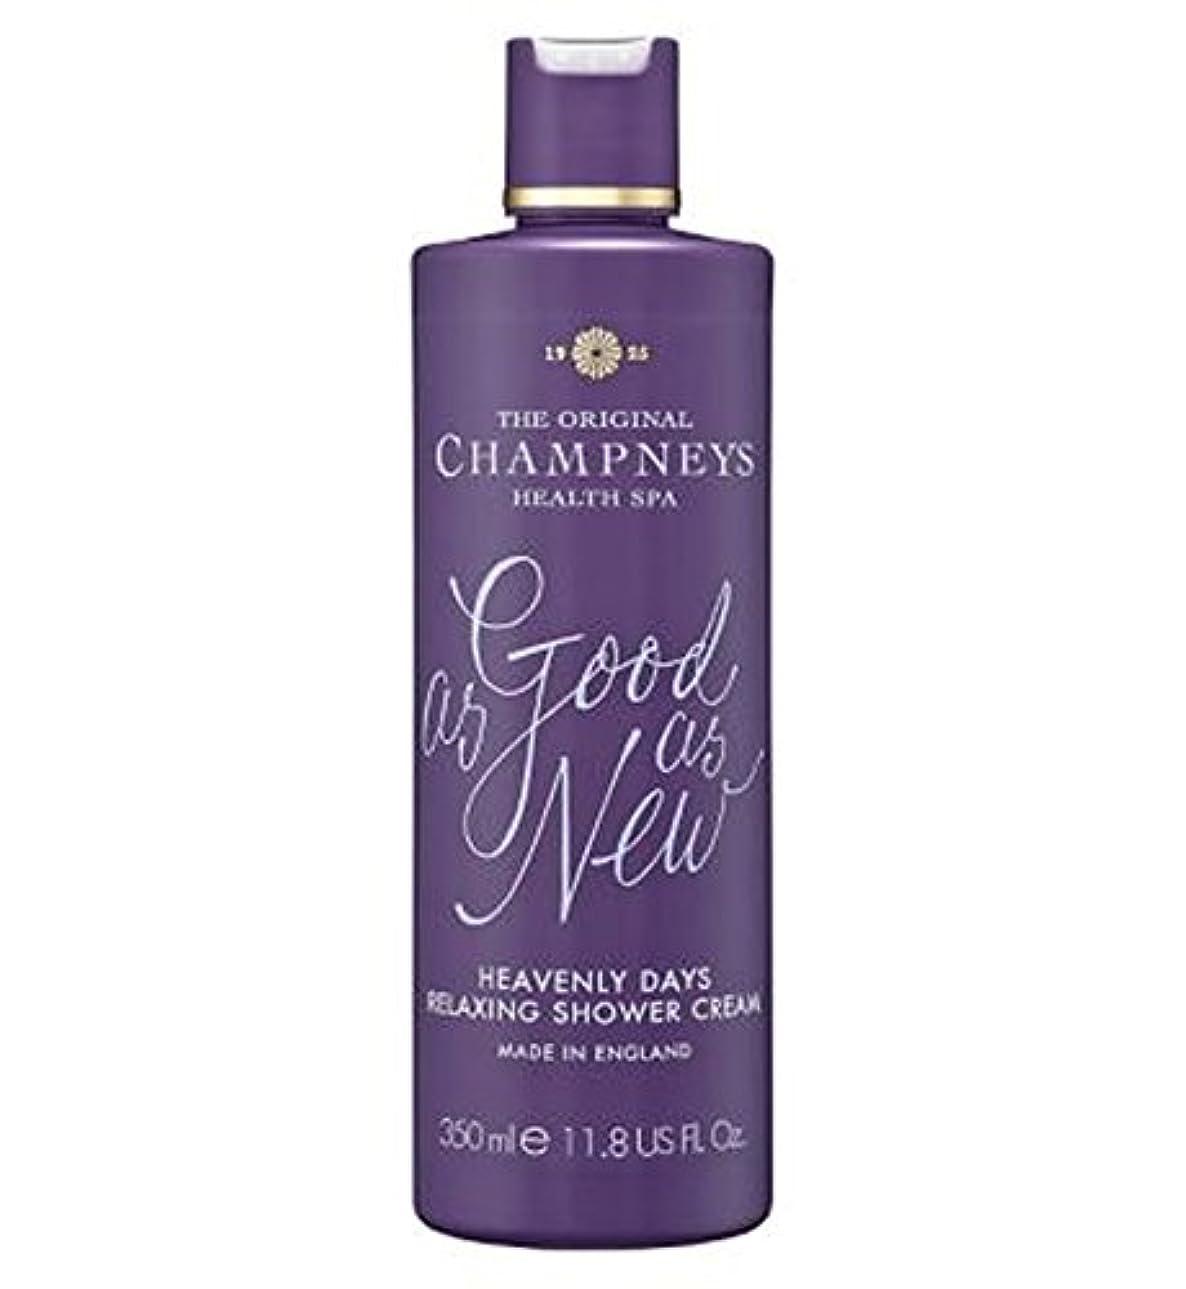 視聴者きしむアッパーチャンプニーズ天の日のリラックスシャワークリーム350ミリリットル (Champneys) (x2) - Champneys Heavenly Days Relaxing Shower Cream 350ml (Pack of 2) [並行輸入品]